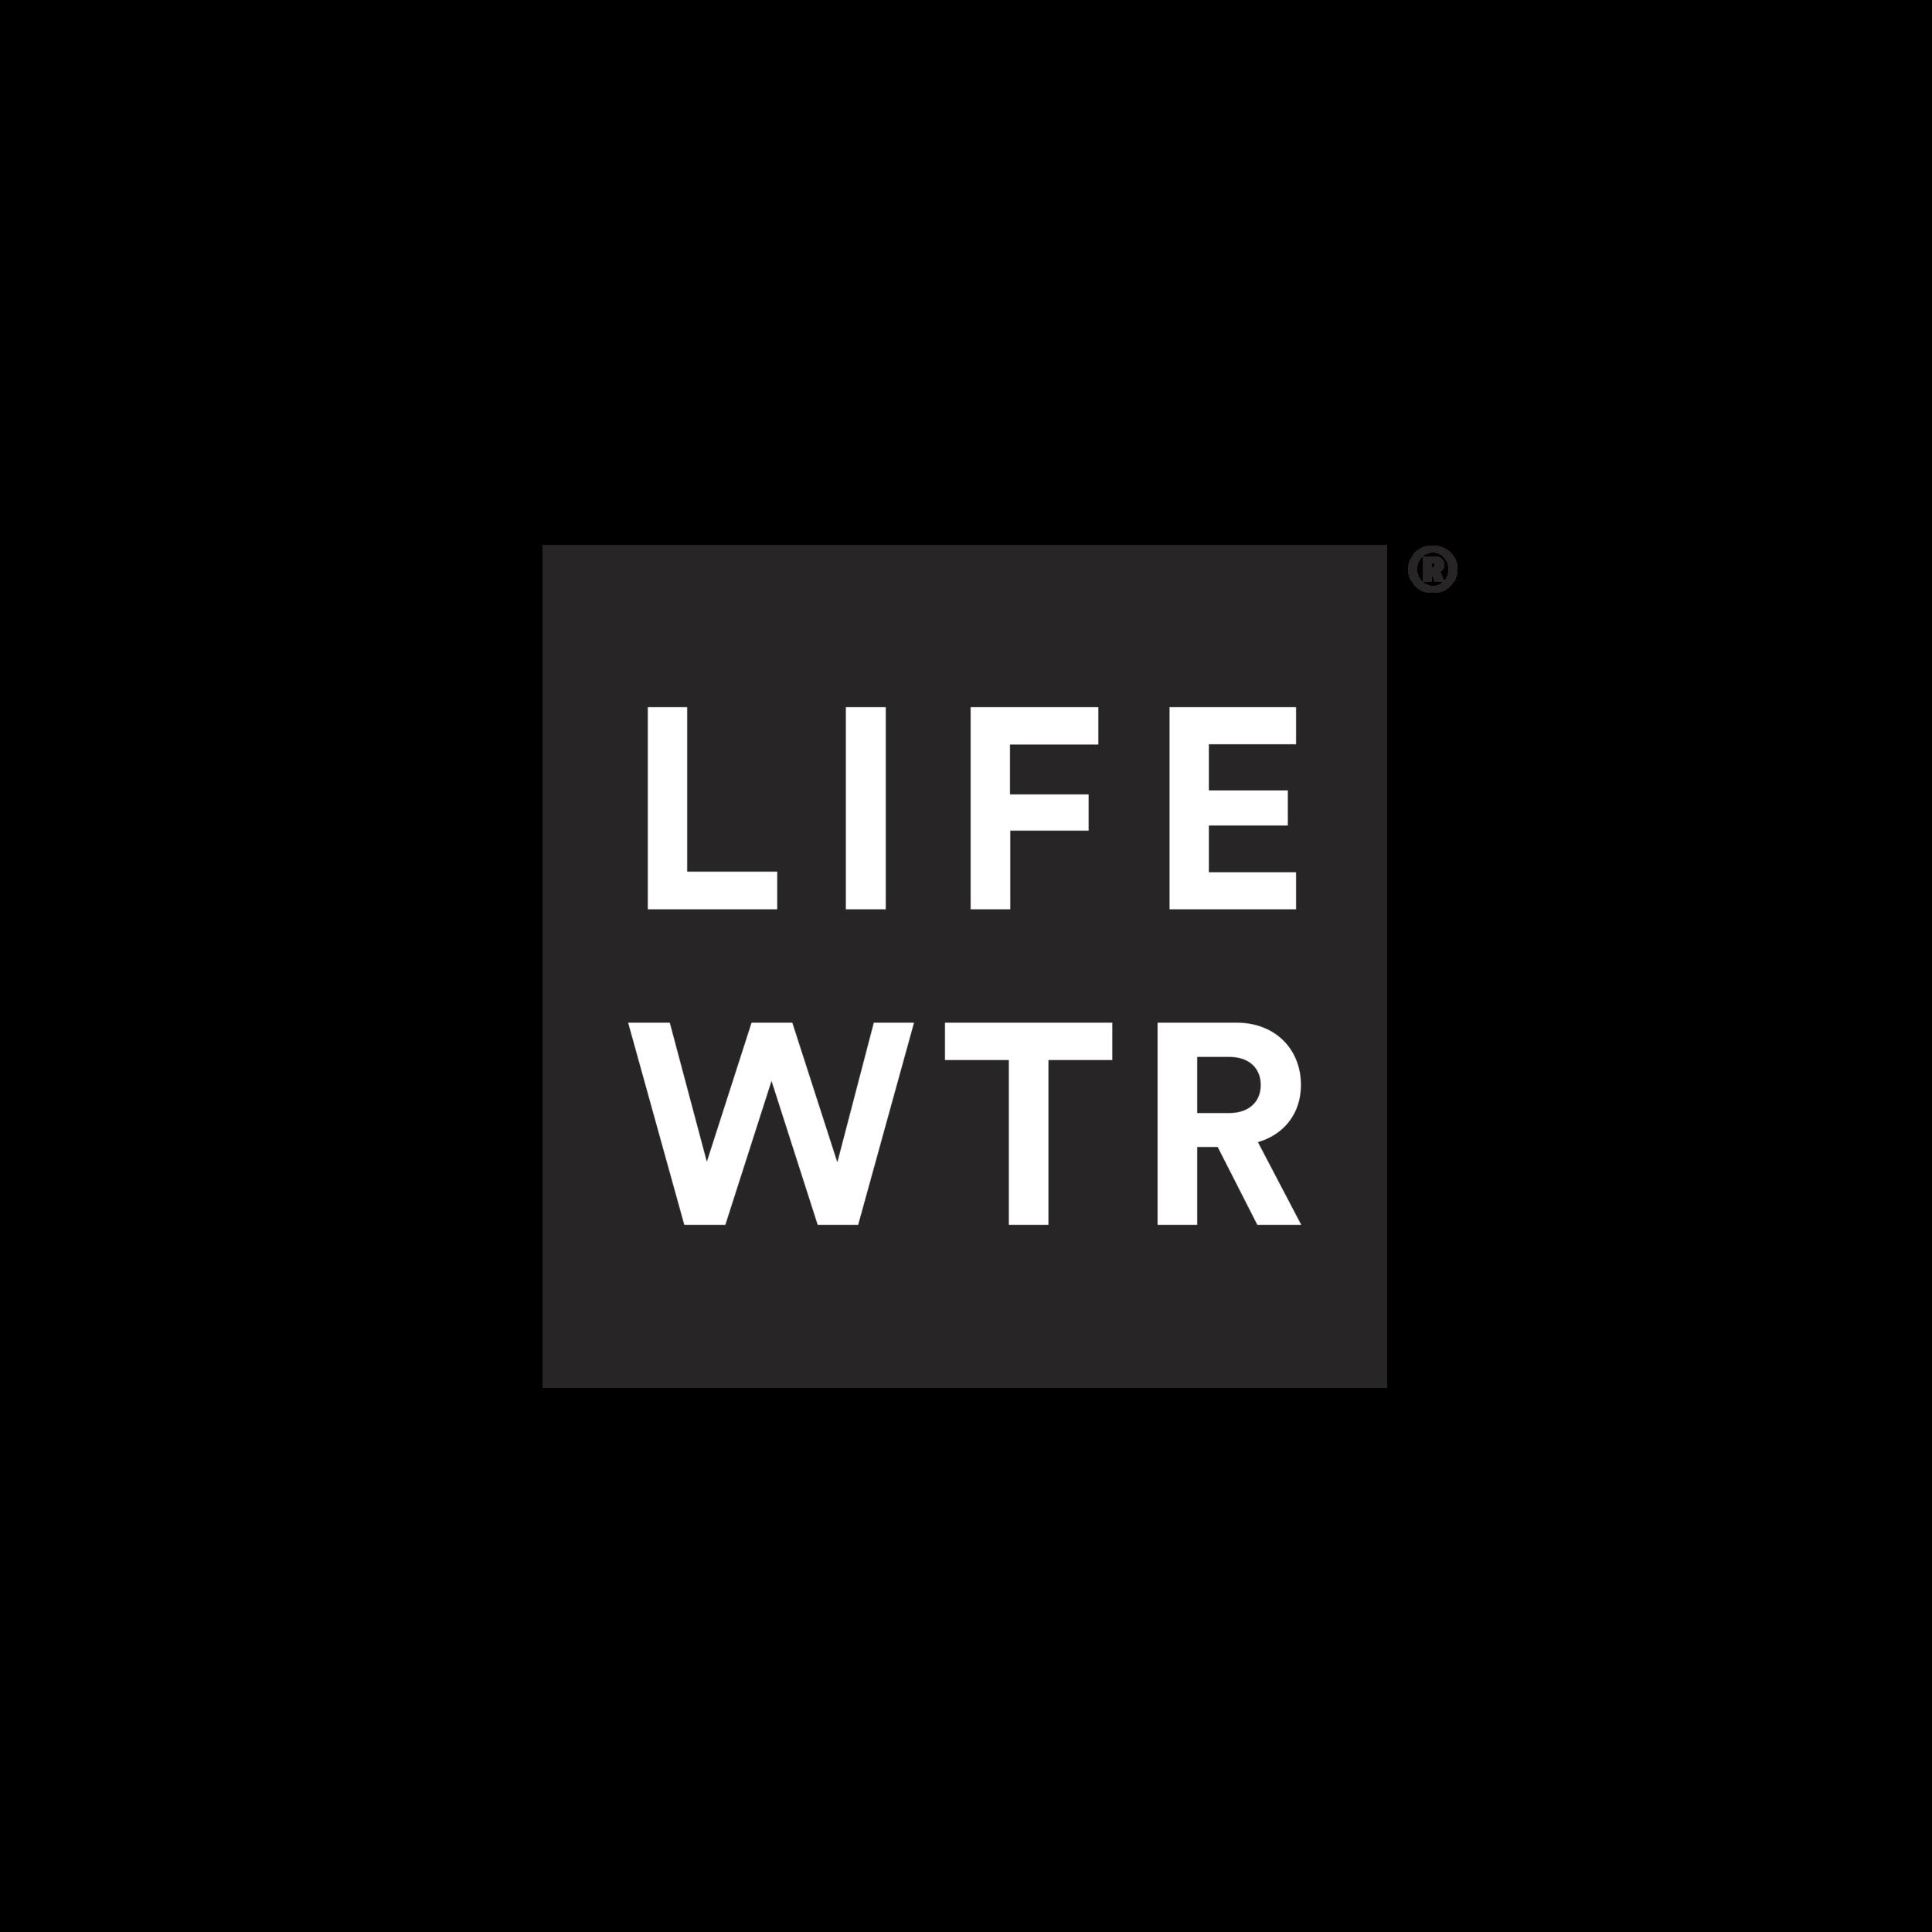 lifewtr.png